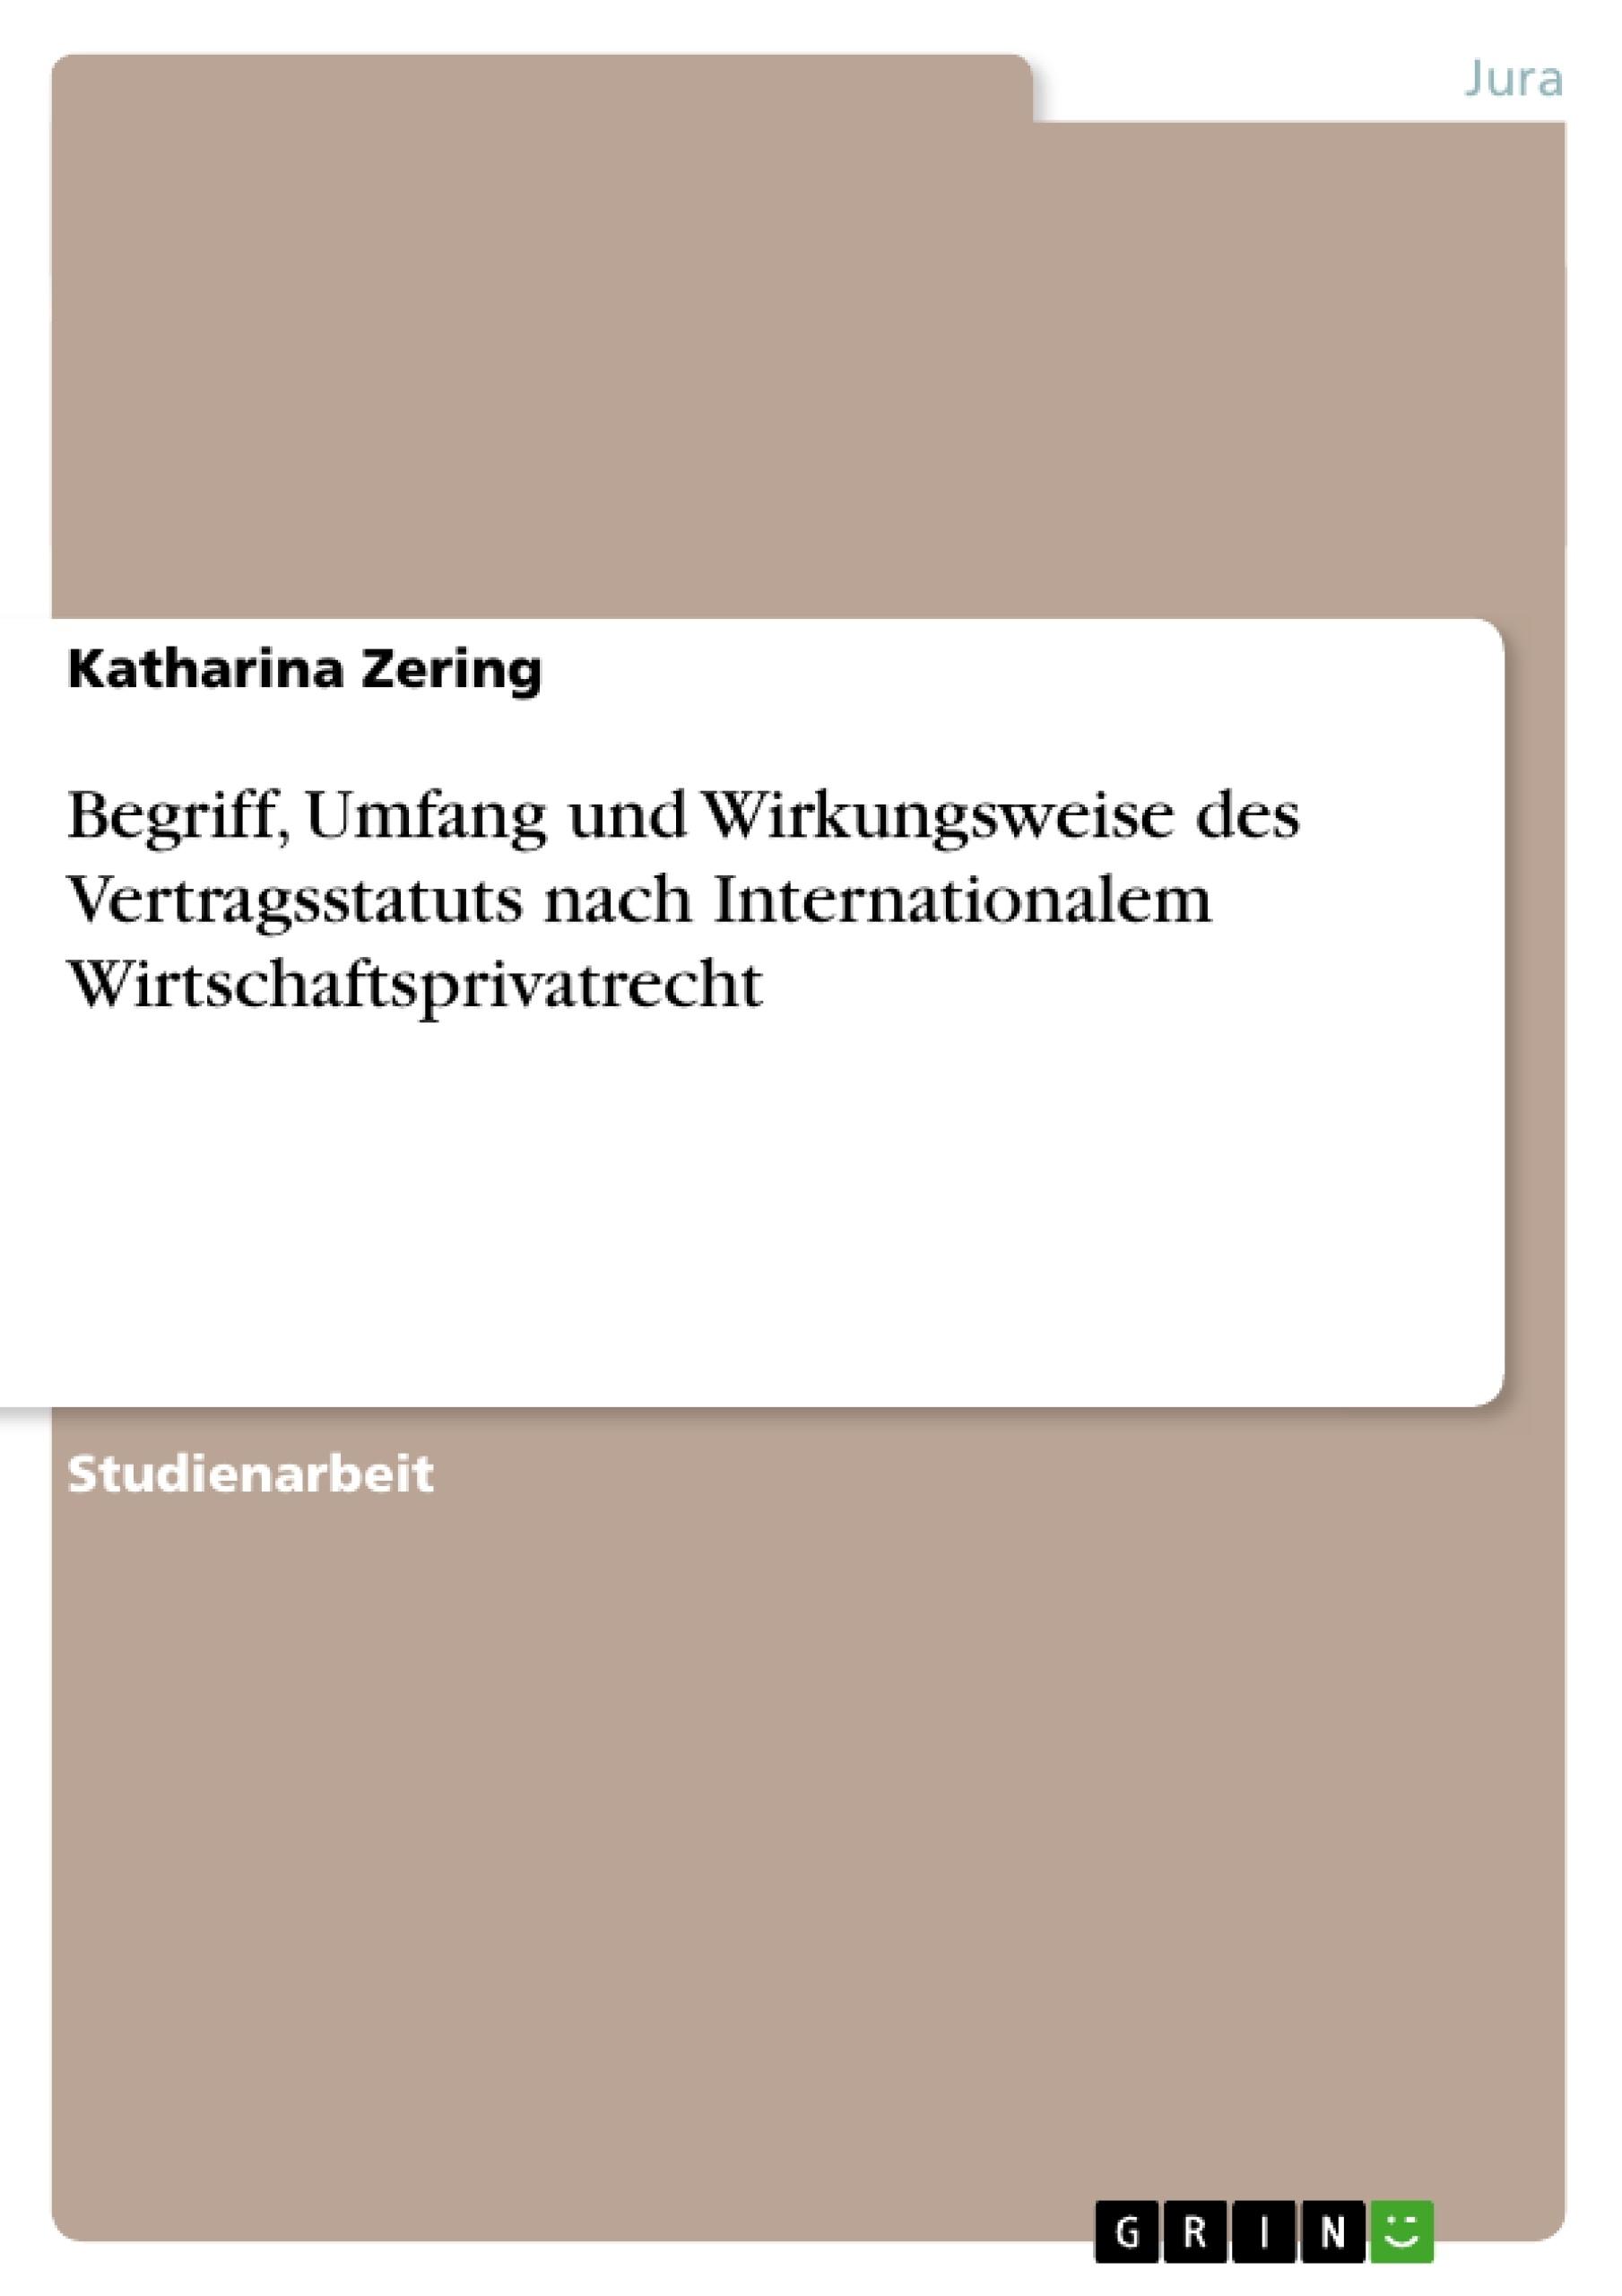 Titel: Begriff, Umfang und Wirkungsweise des Vertragsstatuts nach Internationalem Wirtschaftsprivatrecht